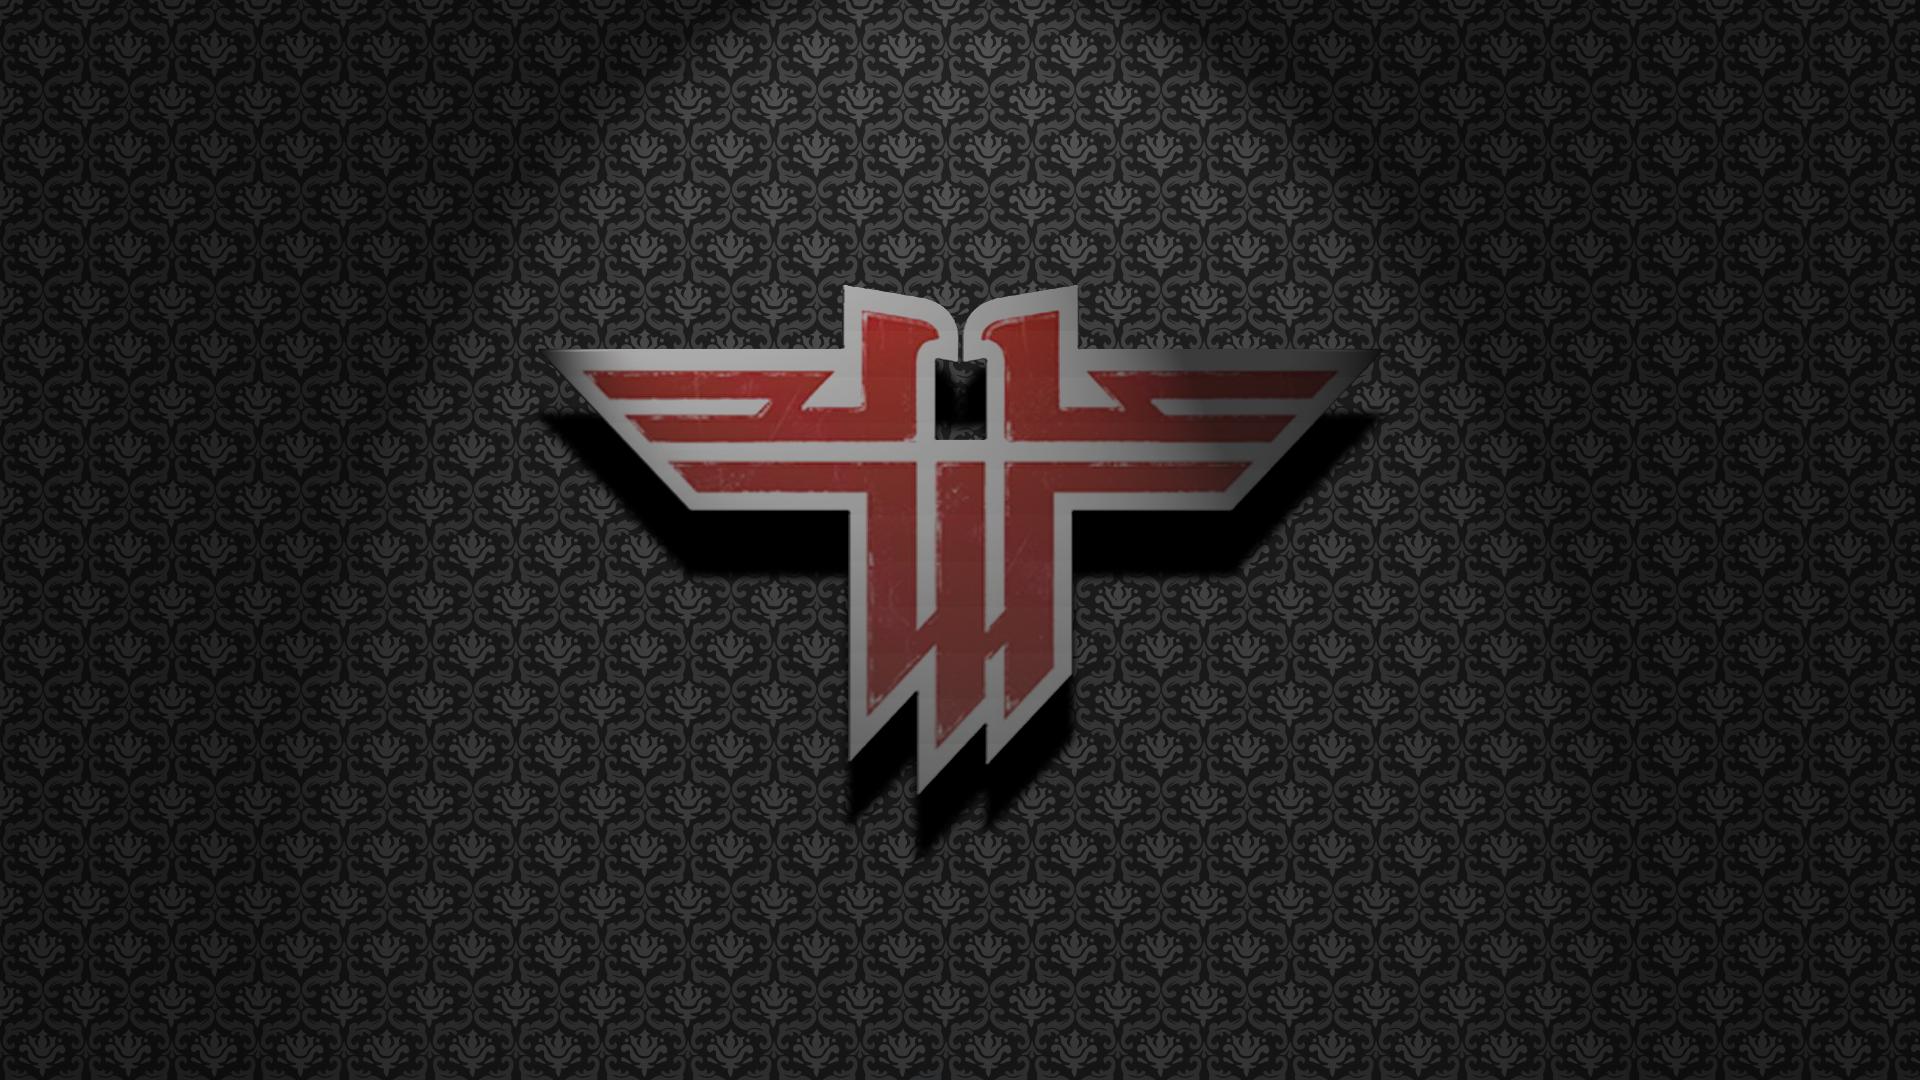 Wolfenstein Wallpaper by Datis Wolfenstein wallpapers